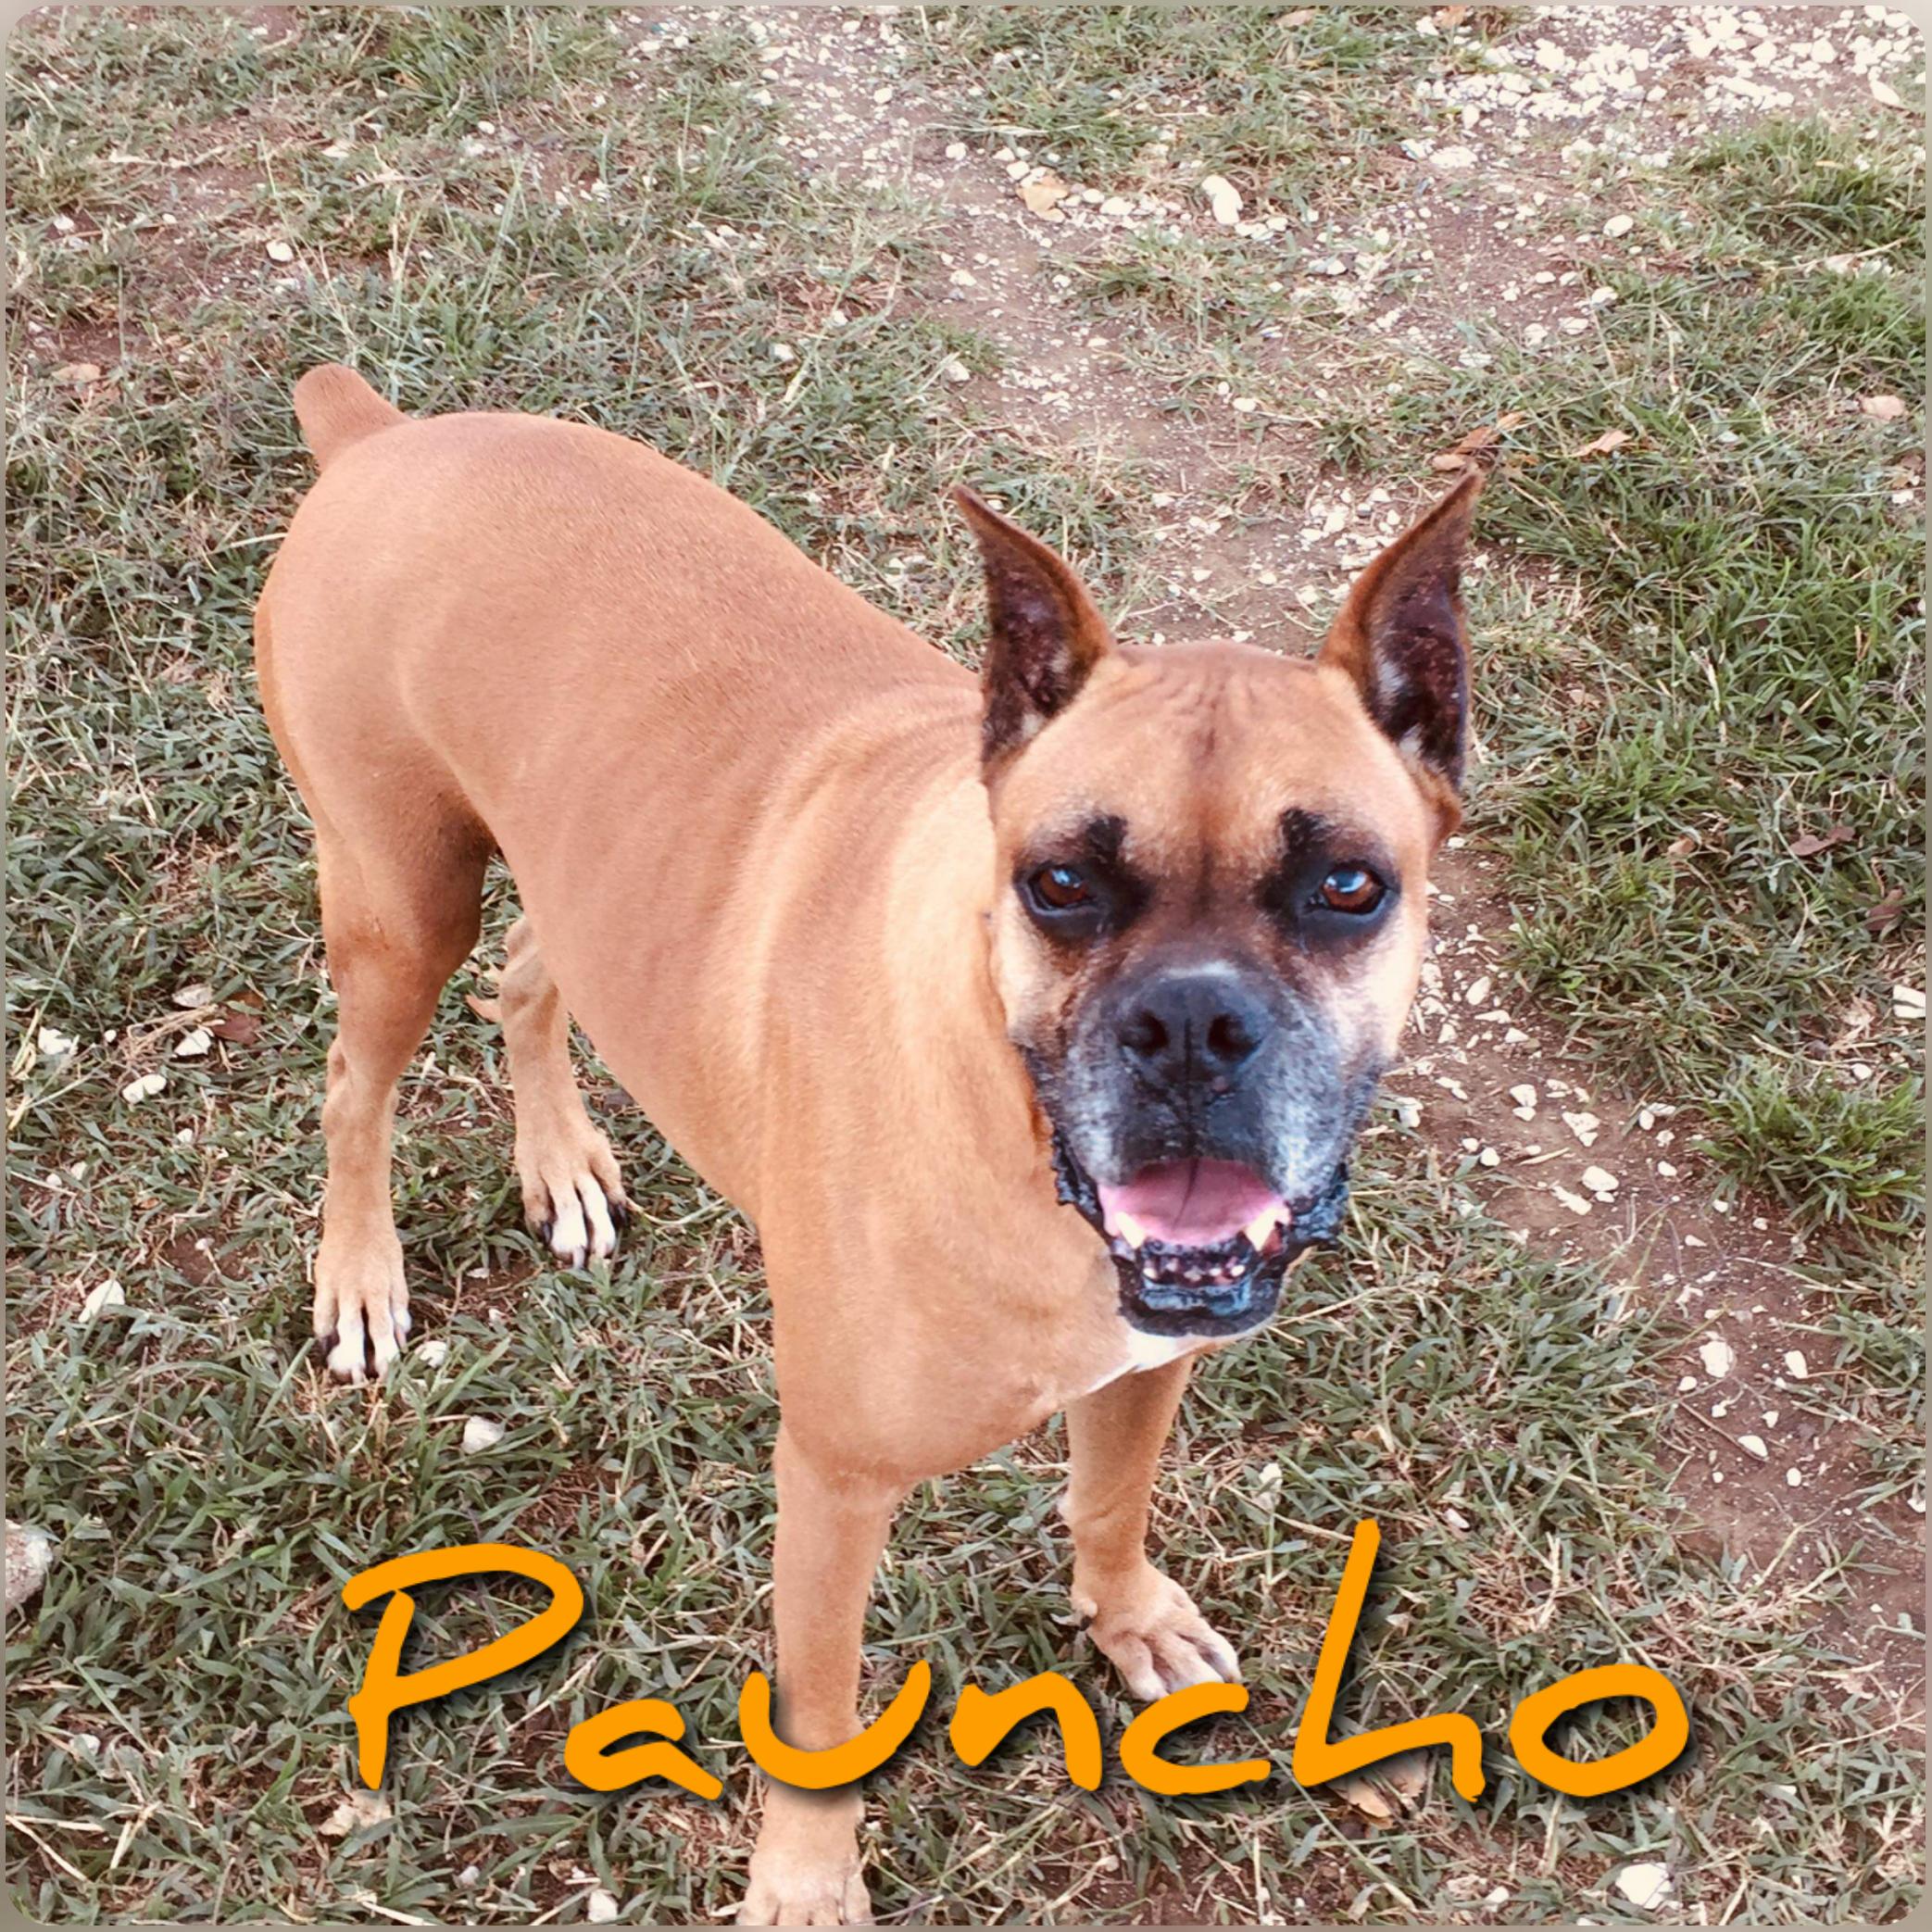 Pauncho